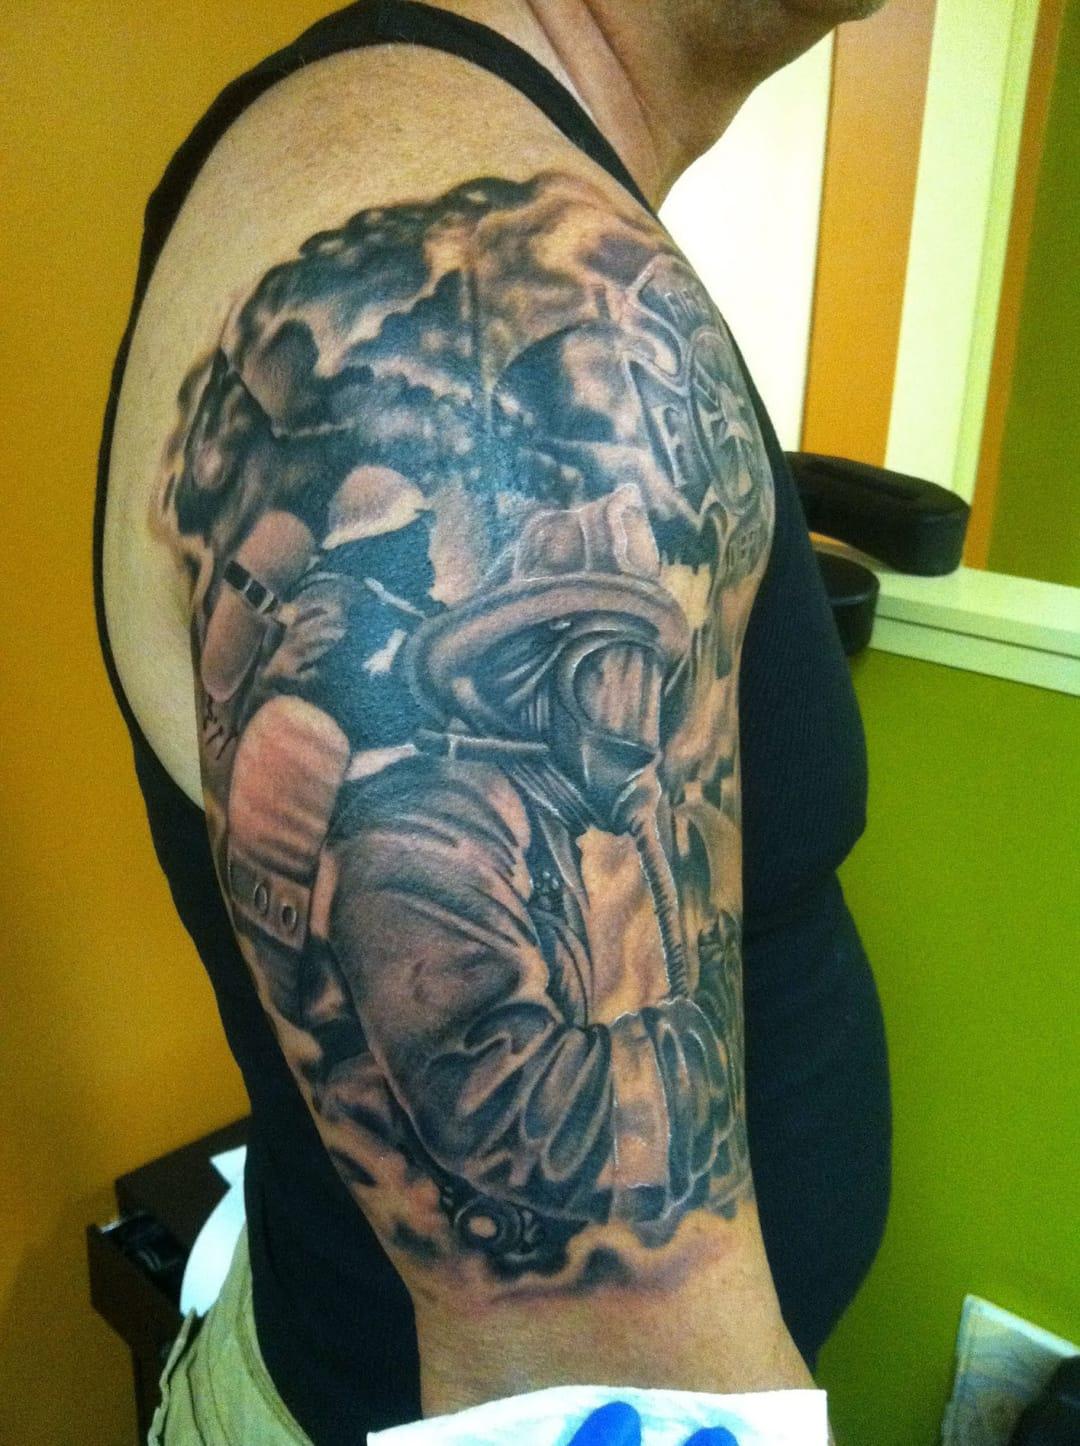 Tatuagem em preto e cinza da ação contra o fogo (Sabe o nome do artista? Conte para a gente nos comentários)